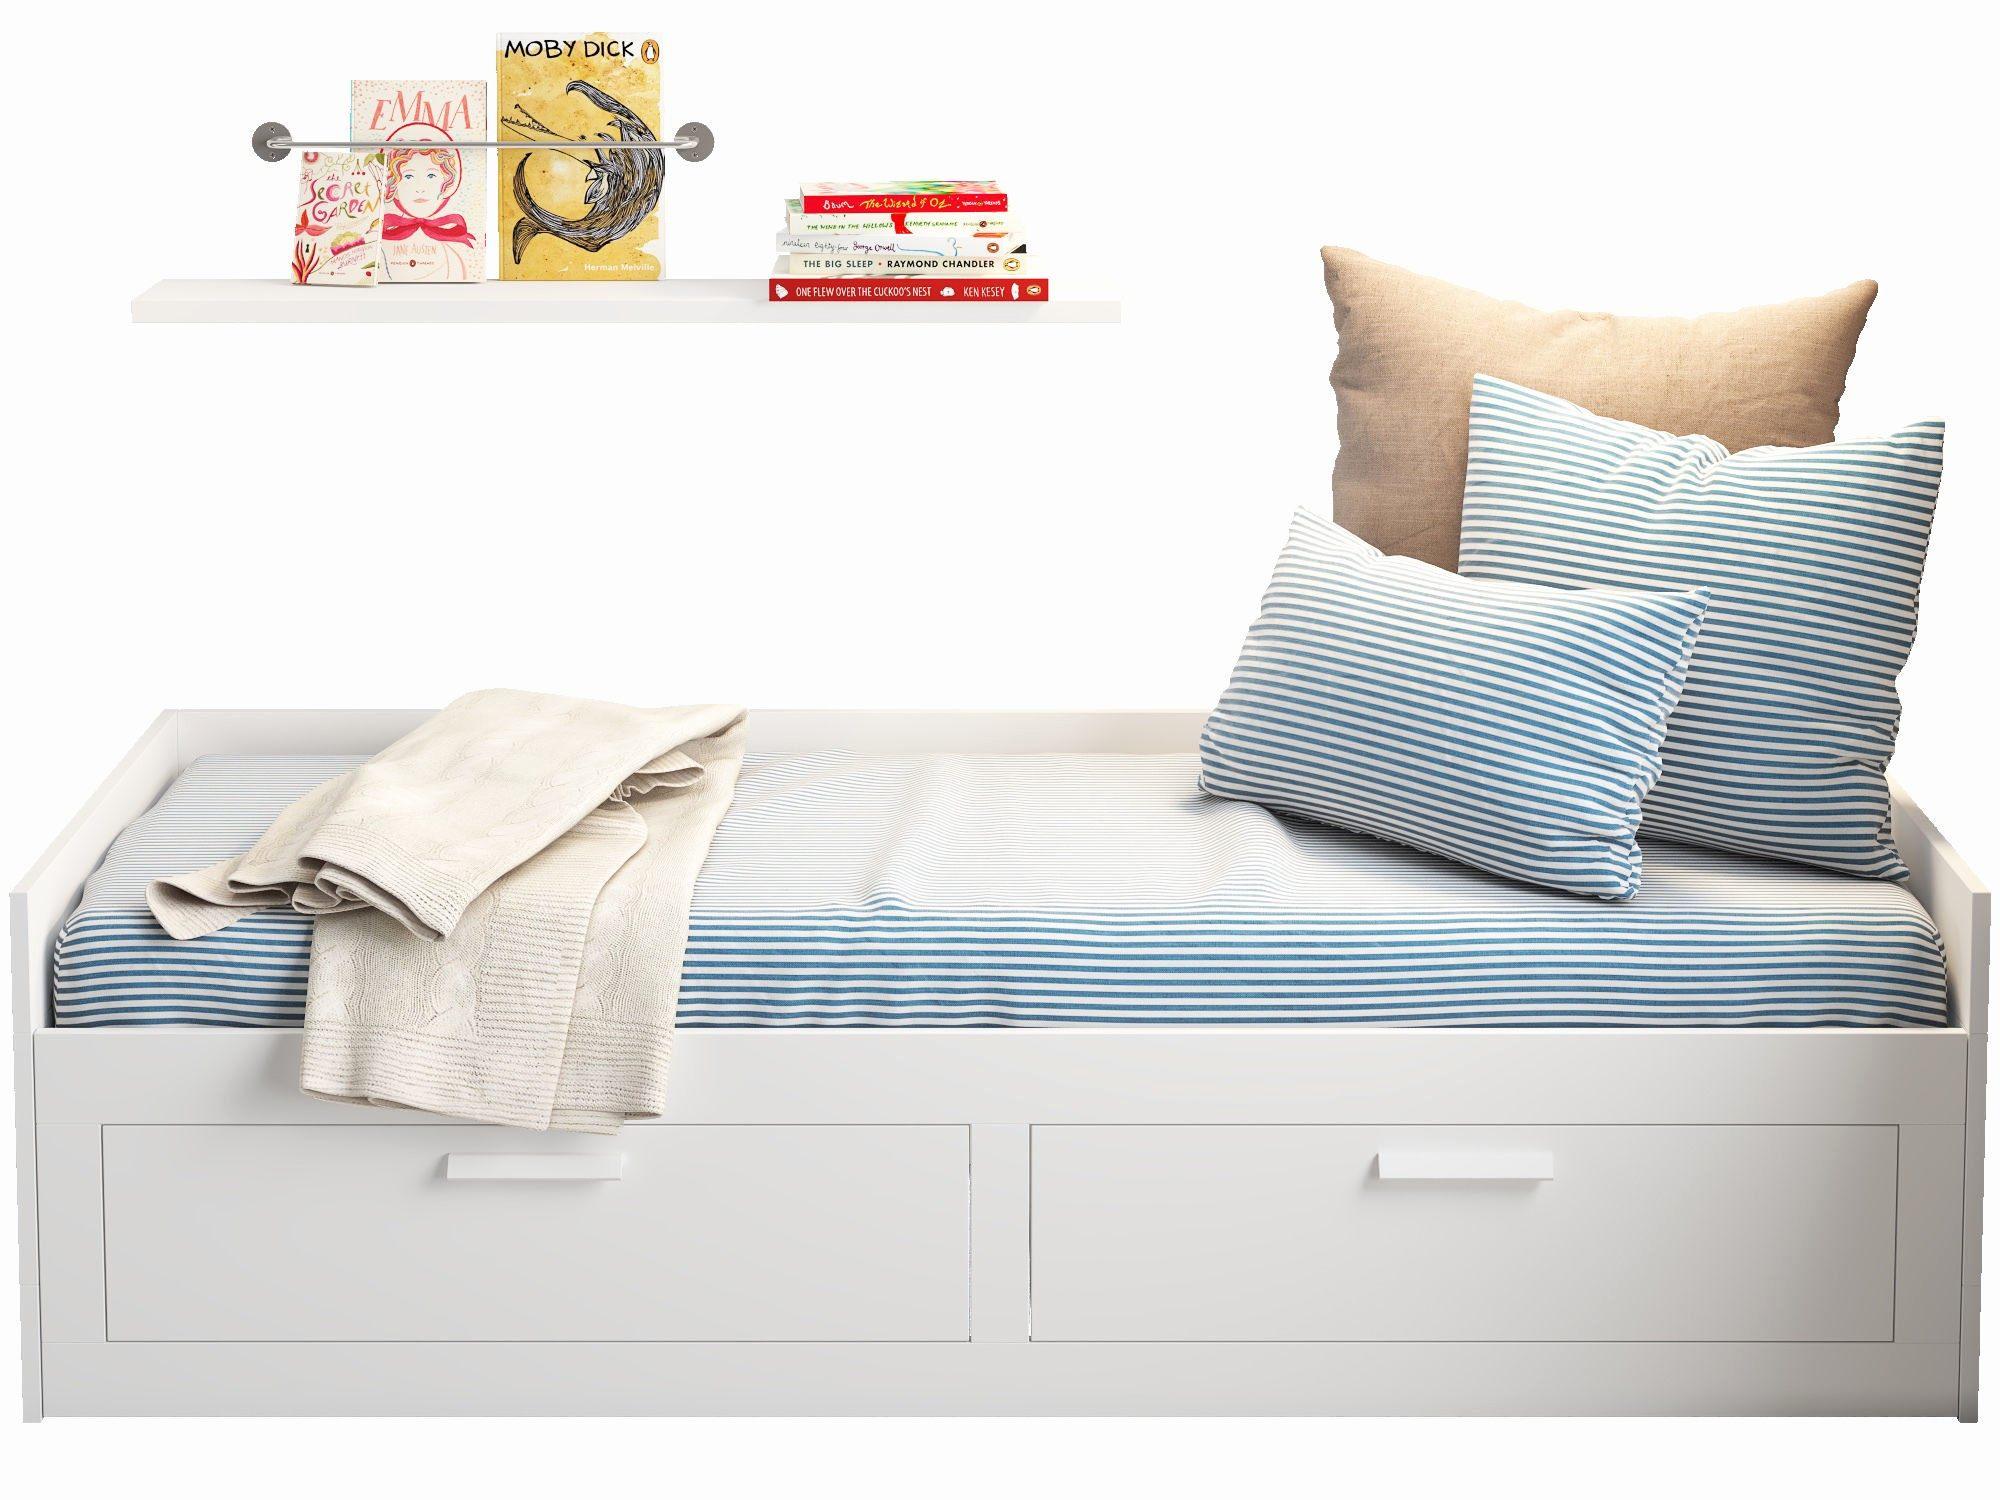 Tete De Lit Ikea Brimnes Fraîche Lit Brimnes Ikea Beau the 28 Best Ikea Brimnes Bed – Festicab org